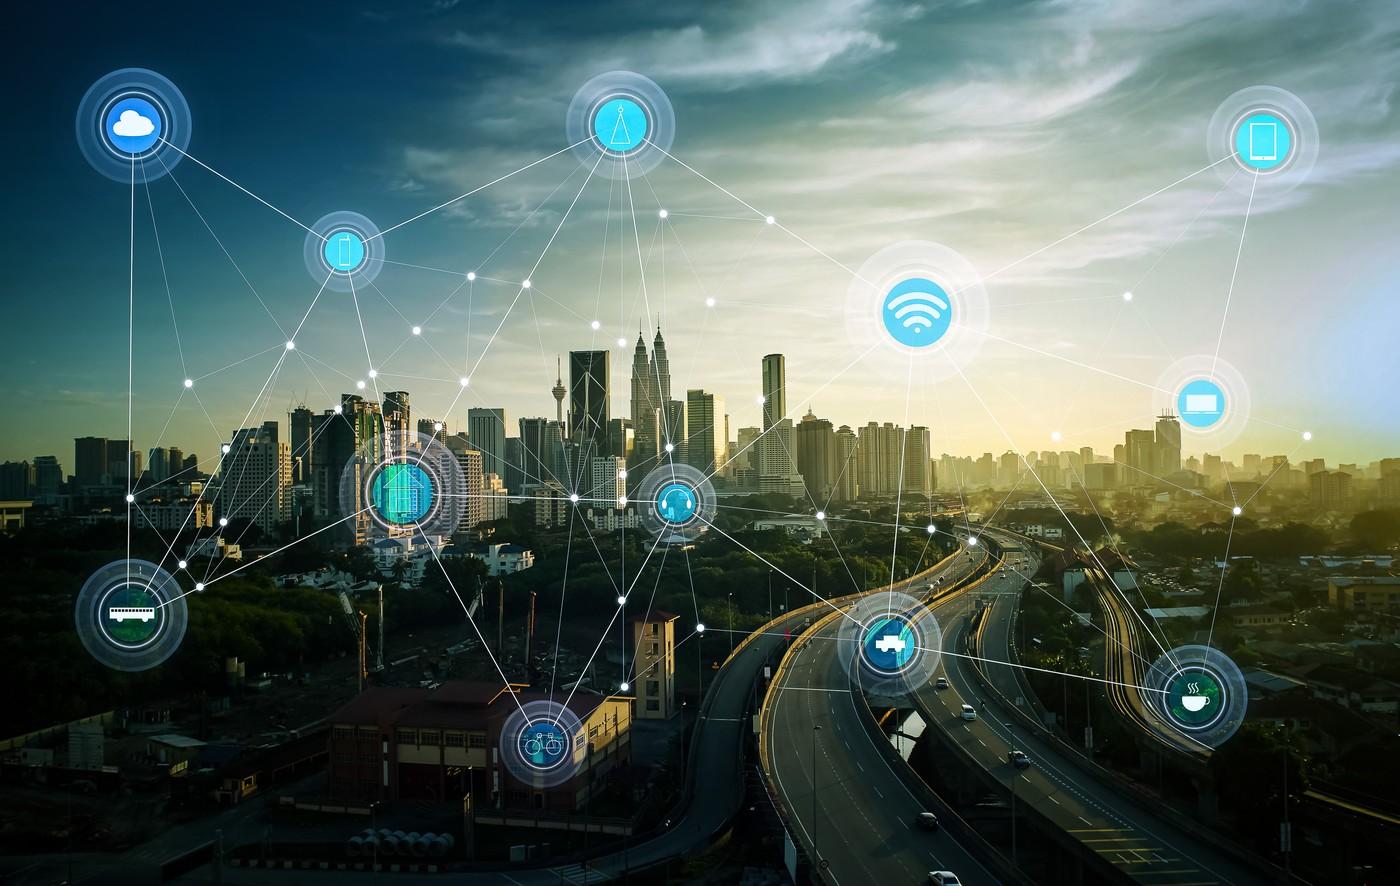 「亞洲.矽谷」計畫即將上路,台灣數位基礎建設準備好了嗎?